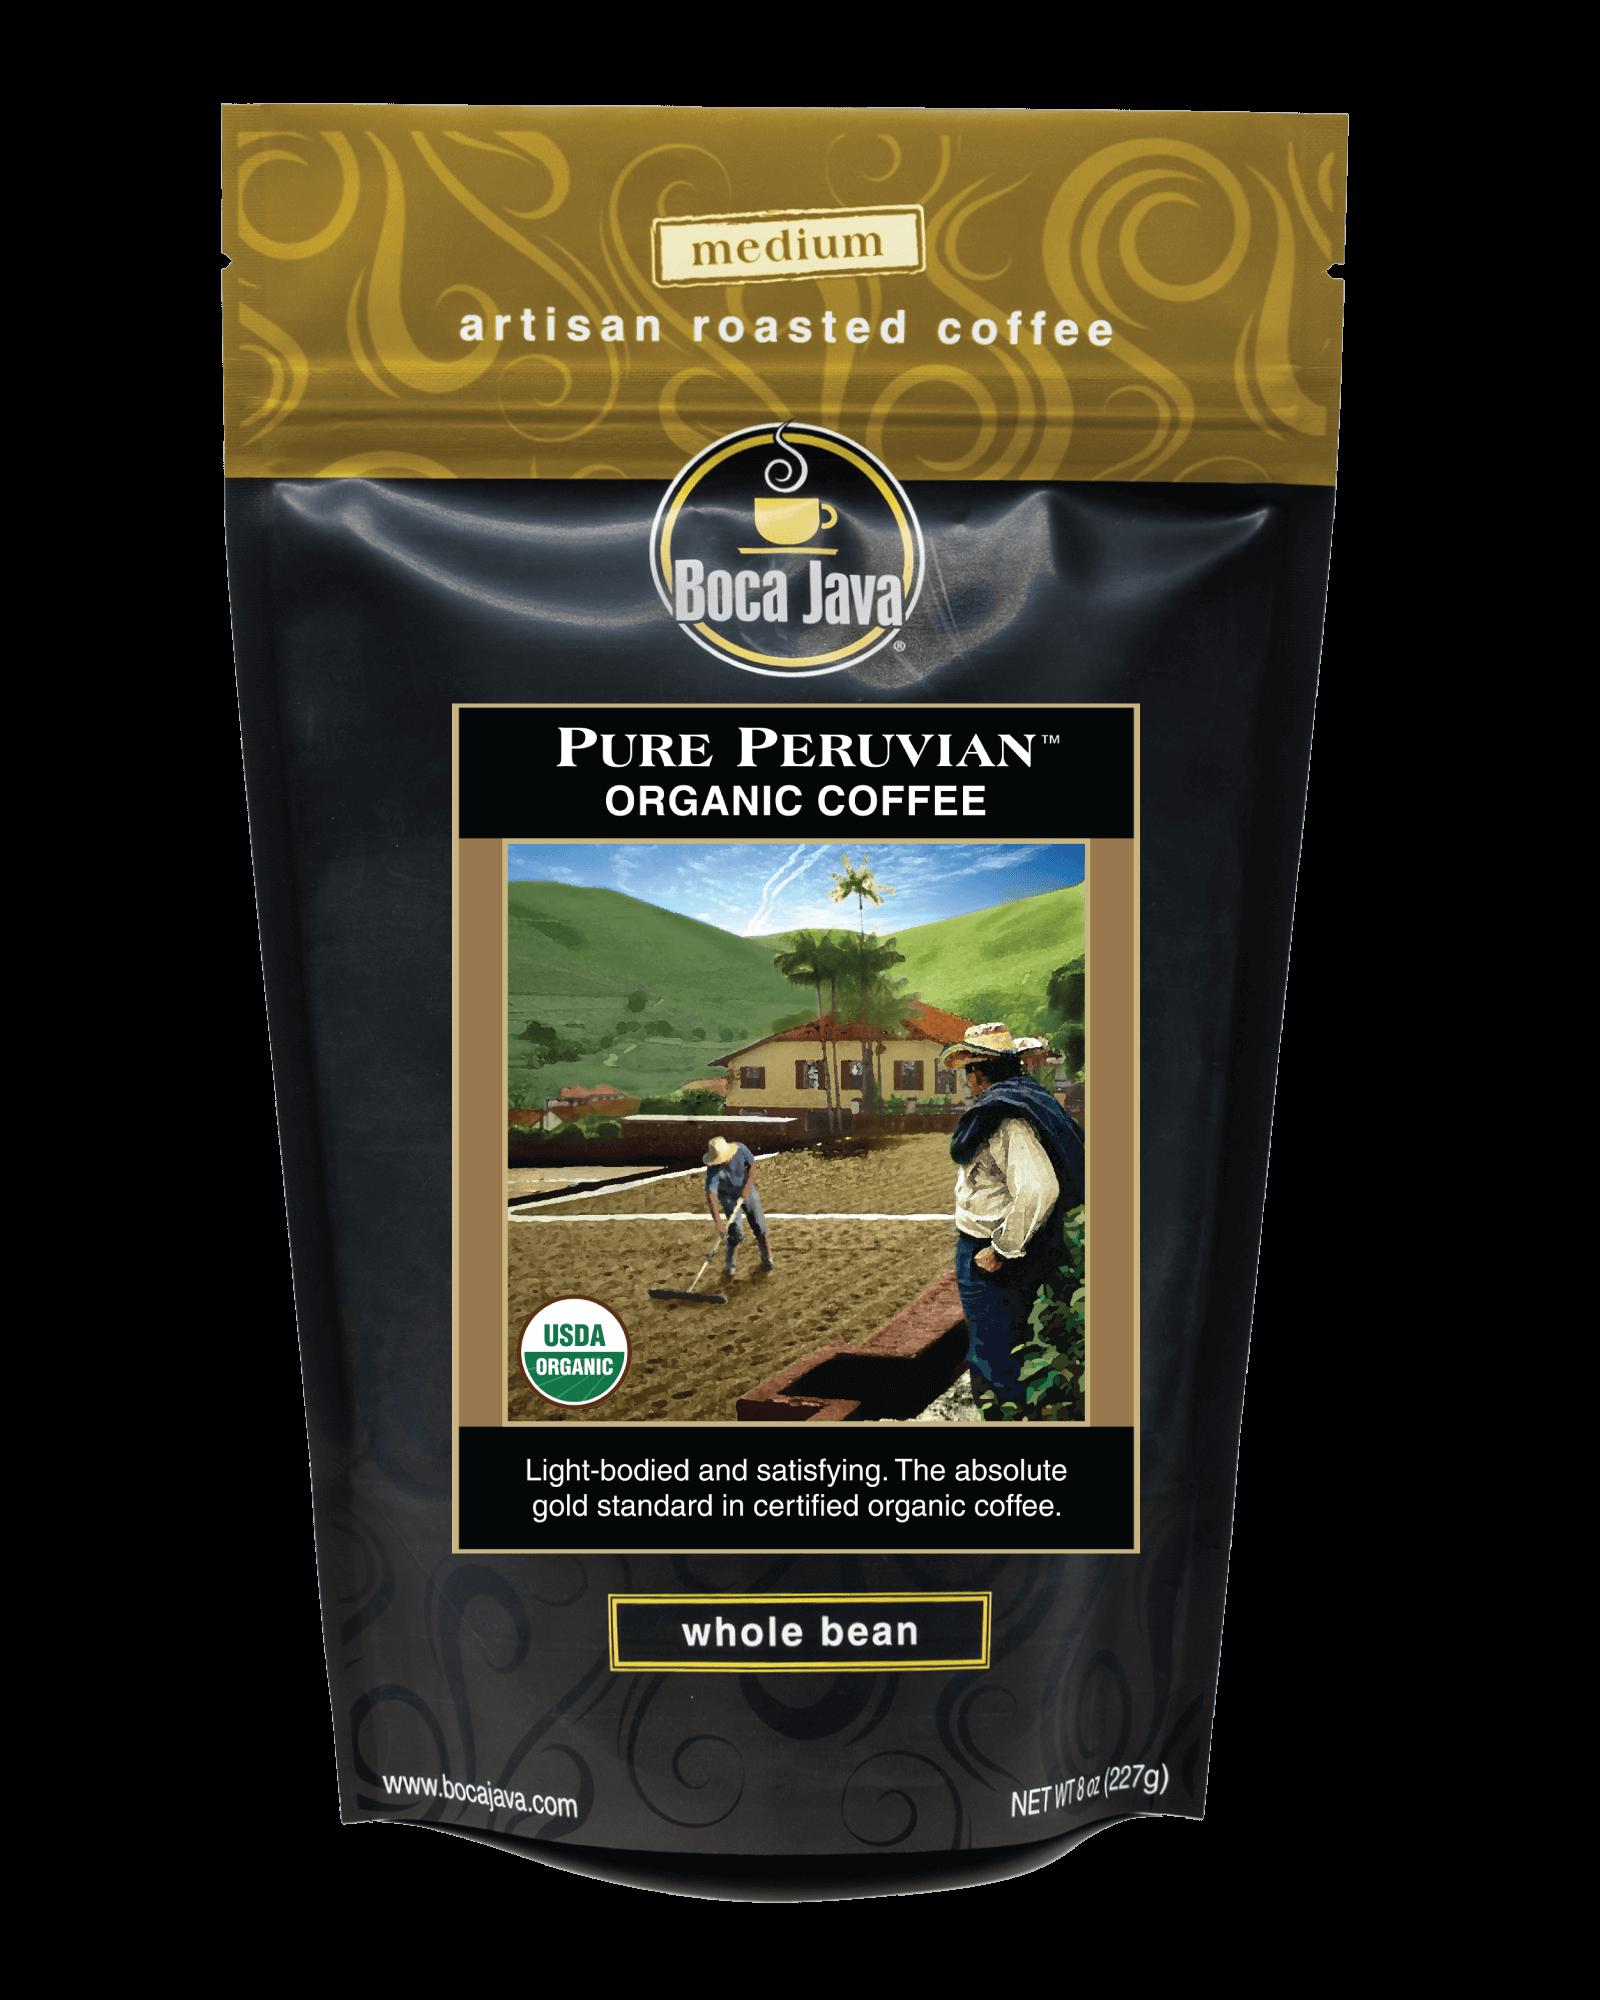 Pure Peruvian Organic